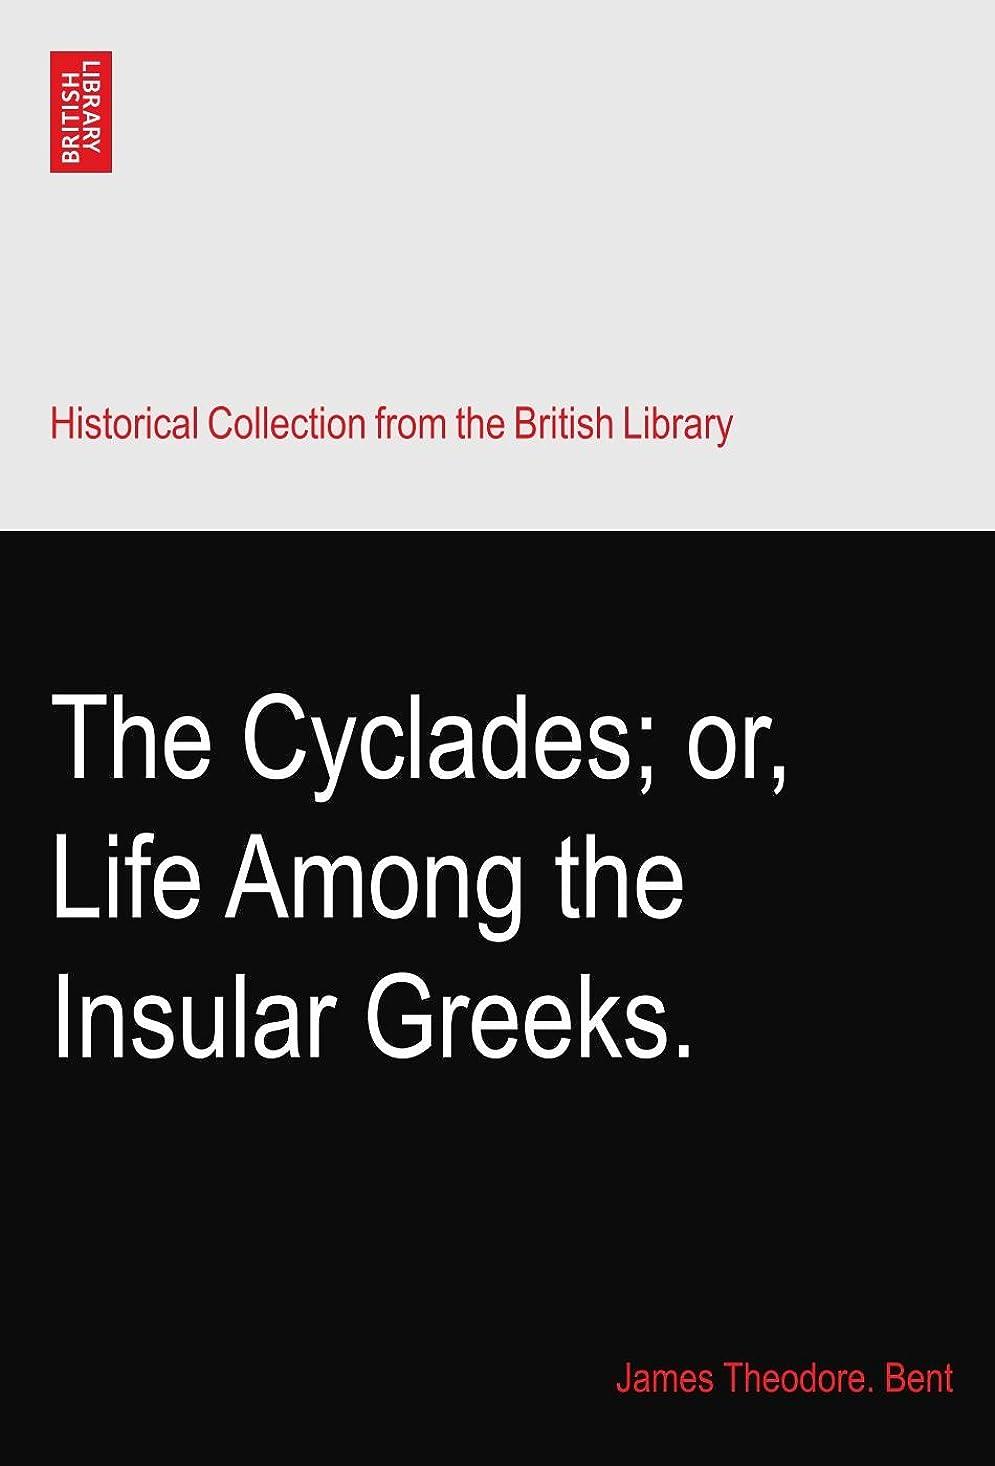 ハプニング水分チャーターThe Cyclades; or, Life Among the Insular Greeks.